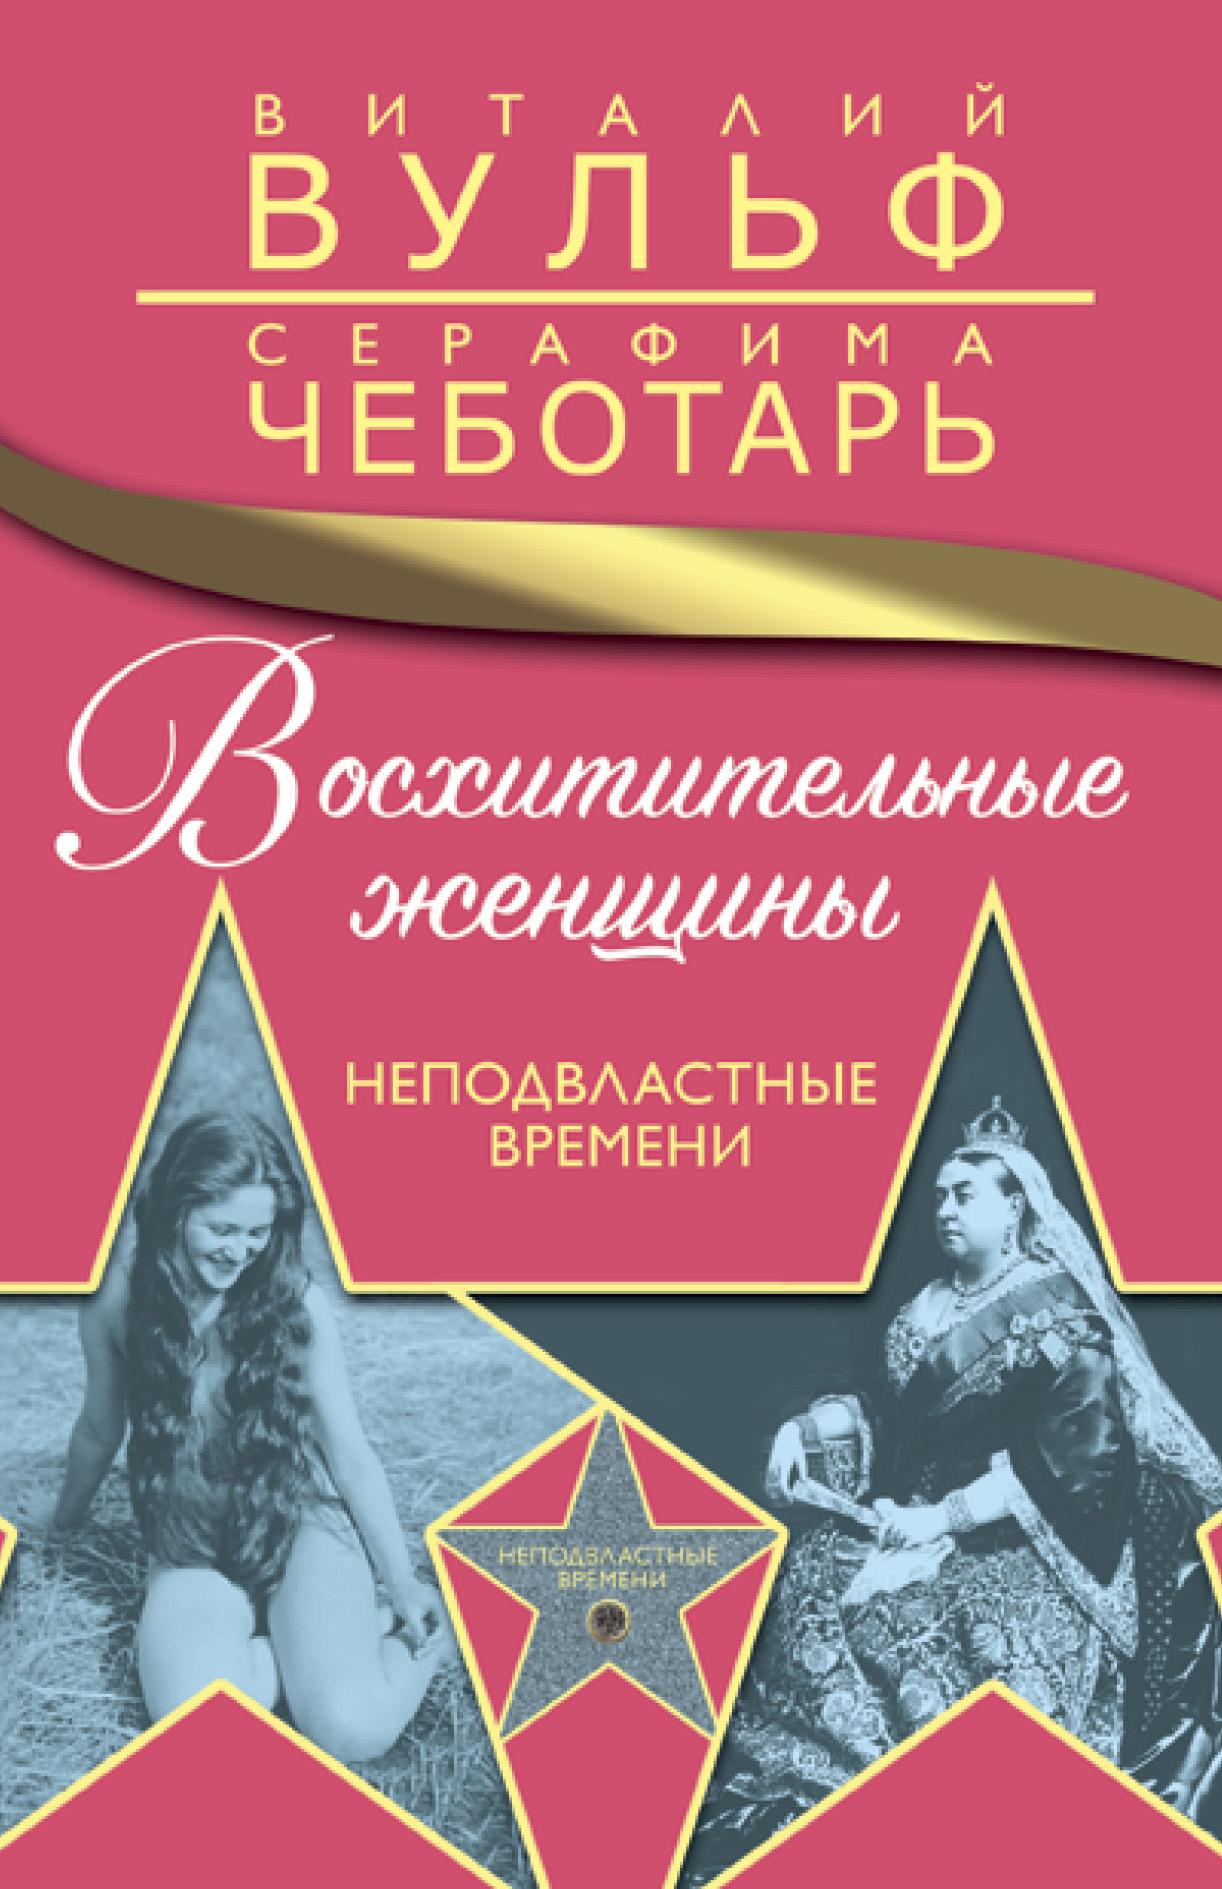 Серафима Чеботарь, Виталий Вульф «Восхитительные женщины. Неподвластные времени»